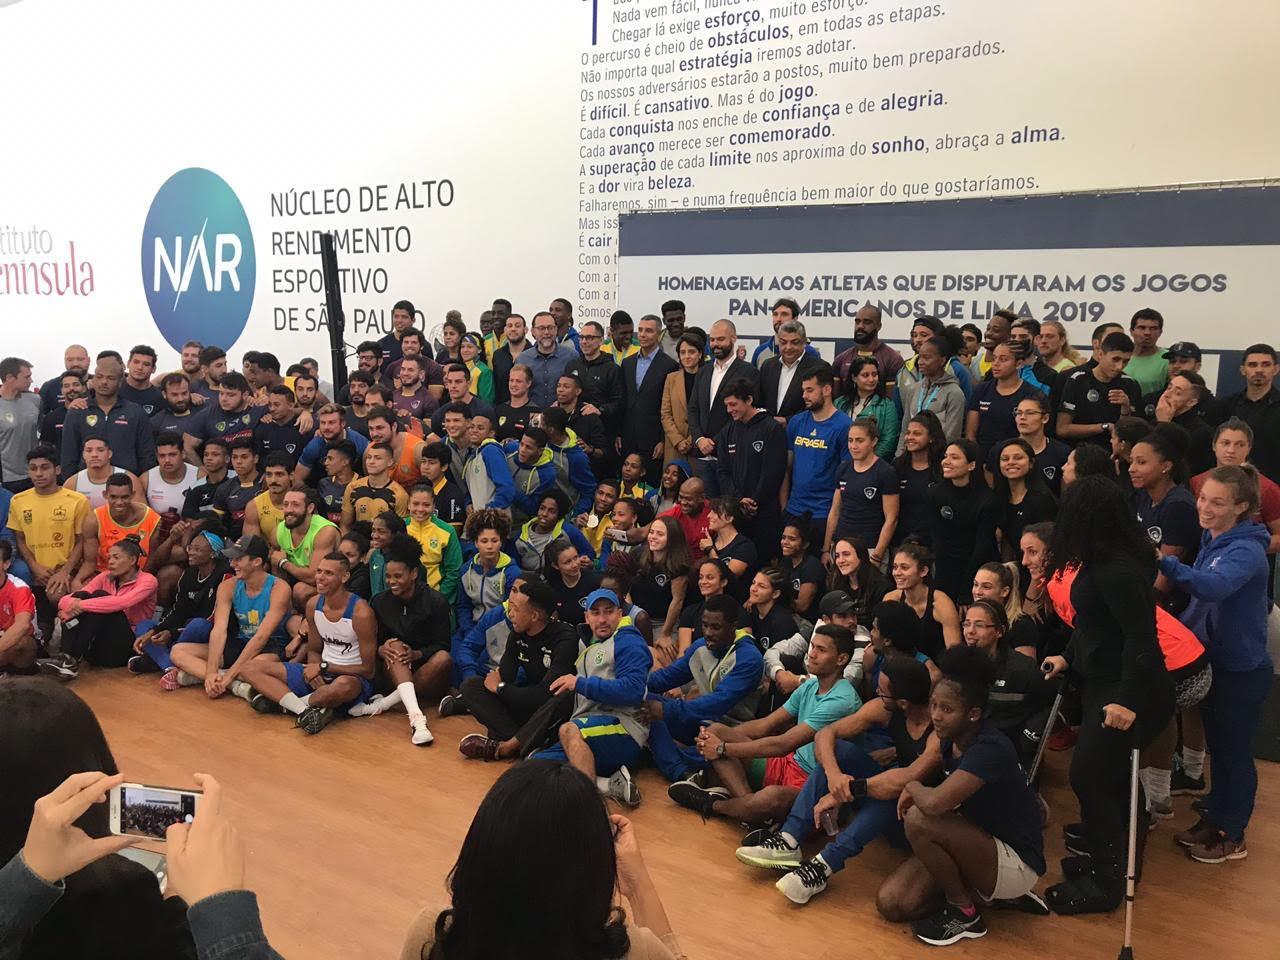 Atletas que disputaram os Jogos Pan-Americanos são homenageados no NAR